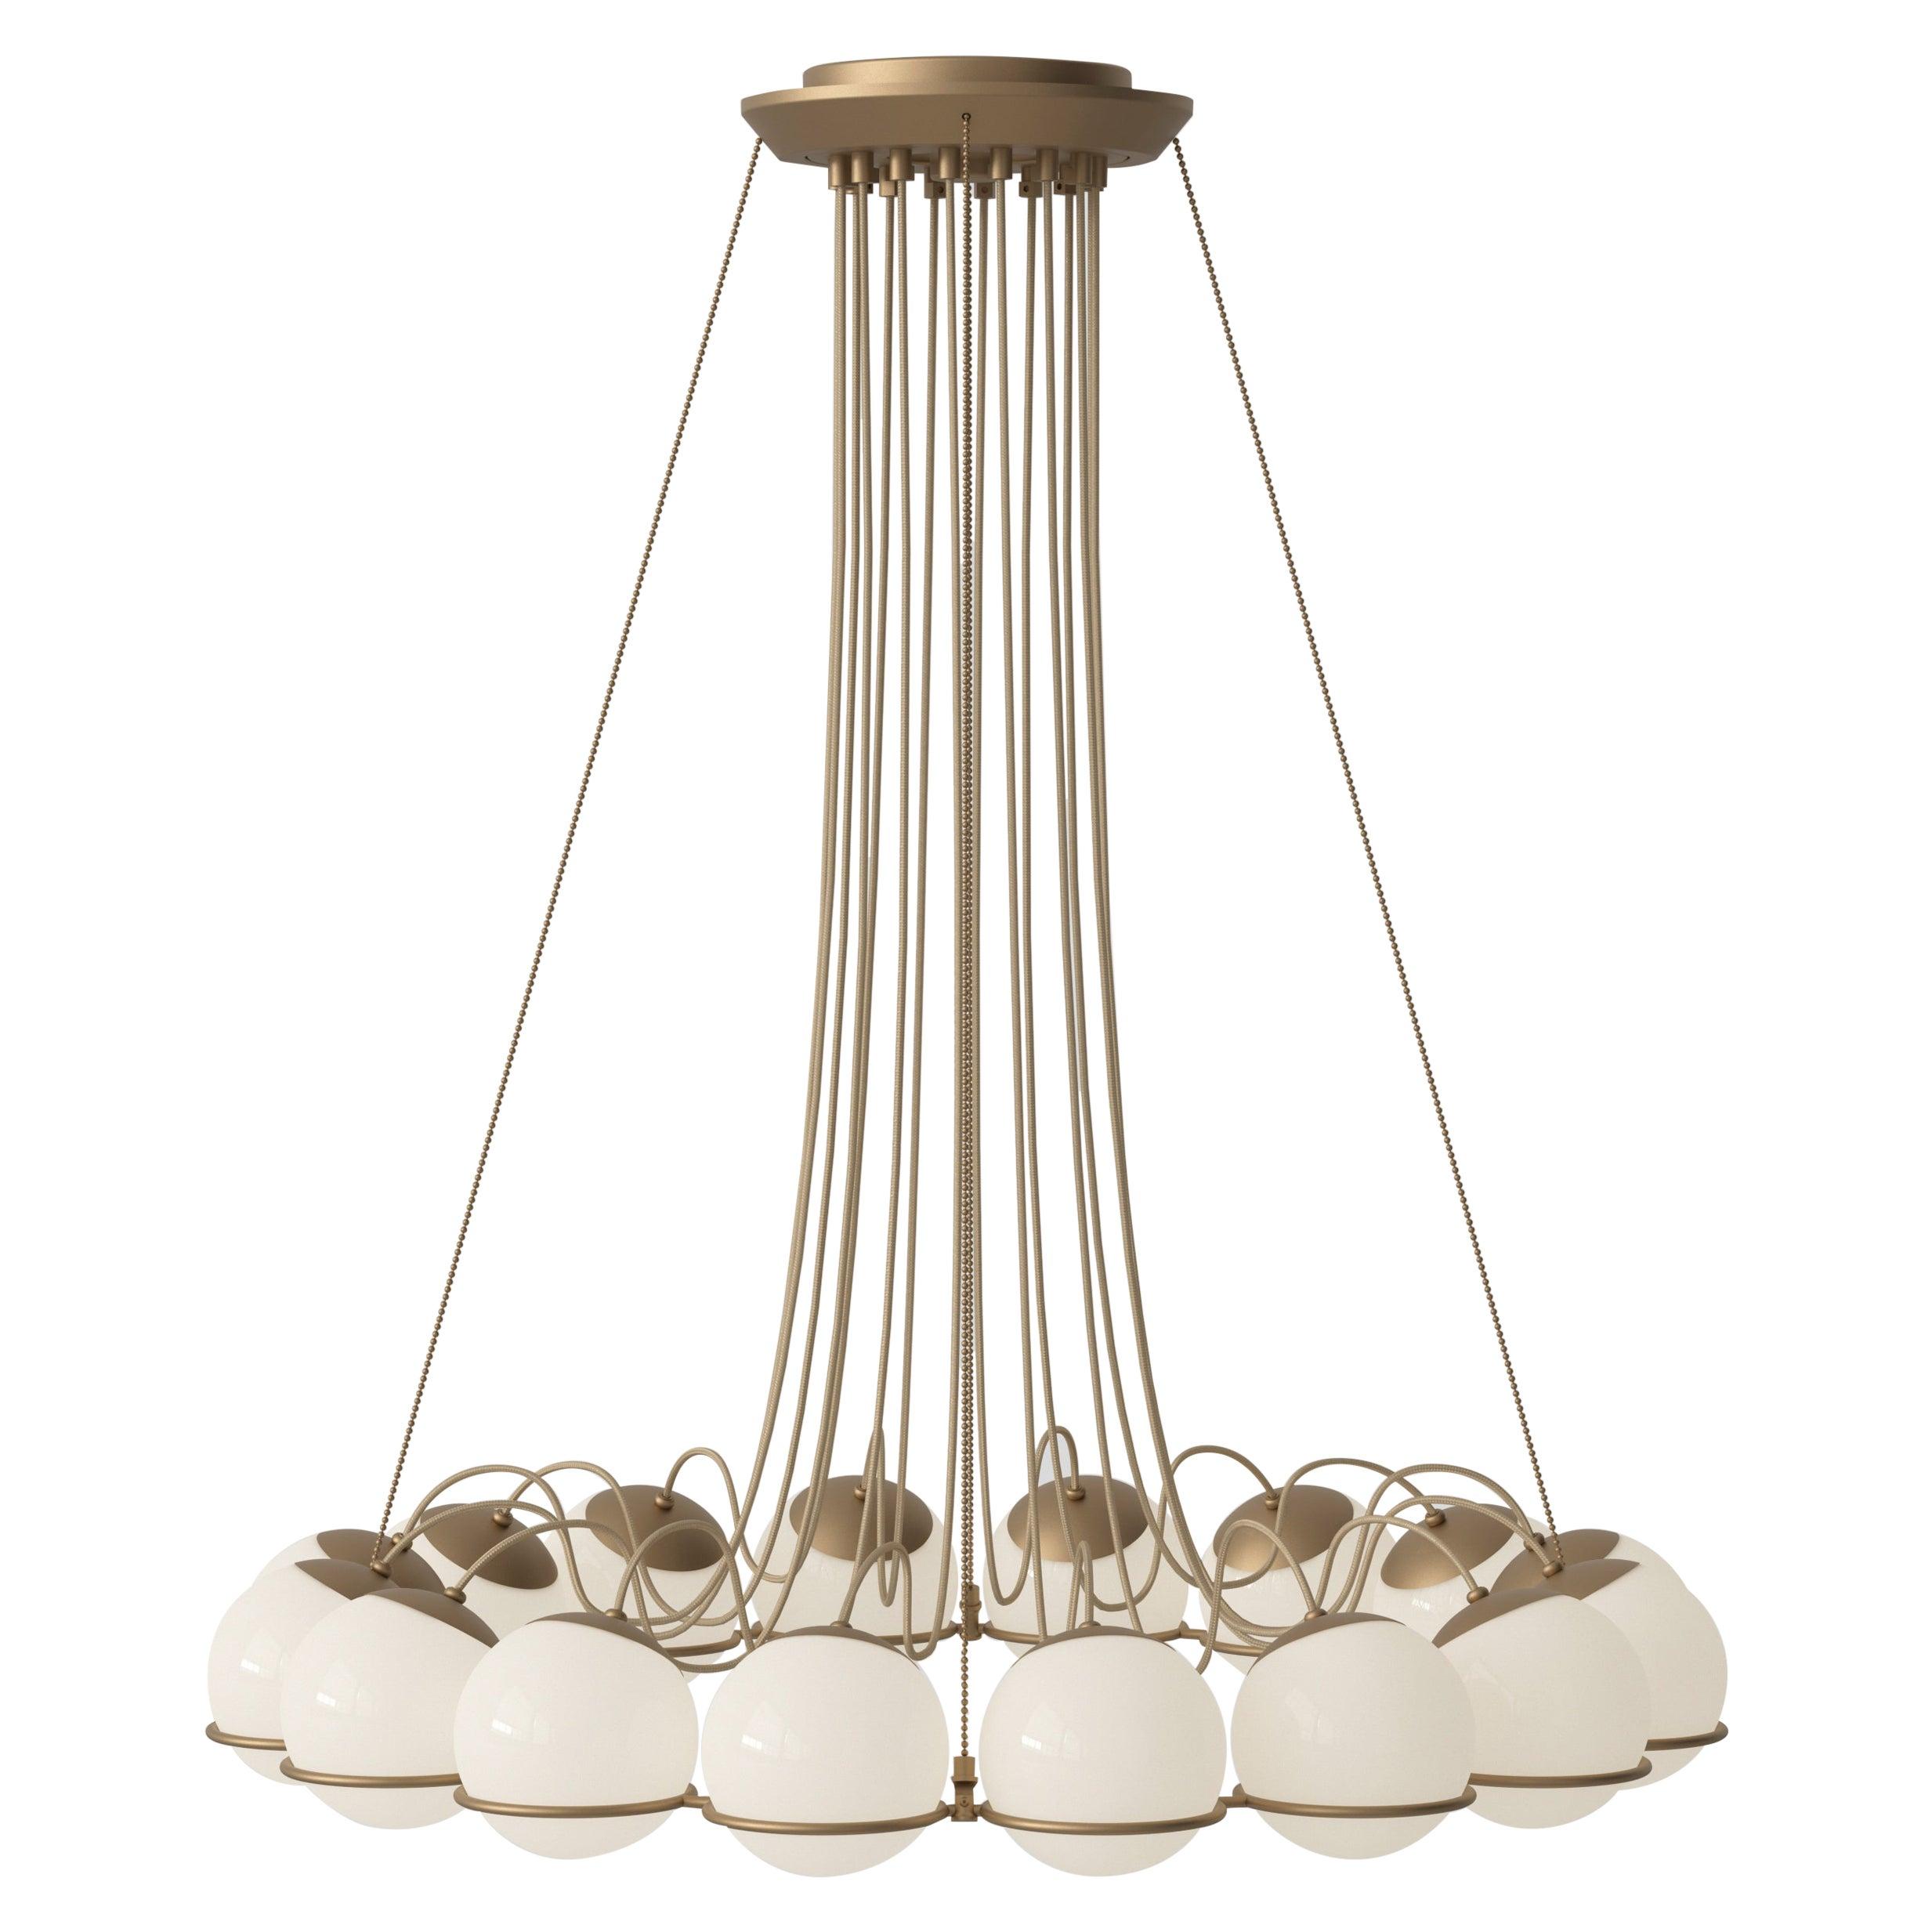 Gino Sarfatti Lamp Model 2109/16/14 Champagne Structure